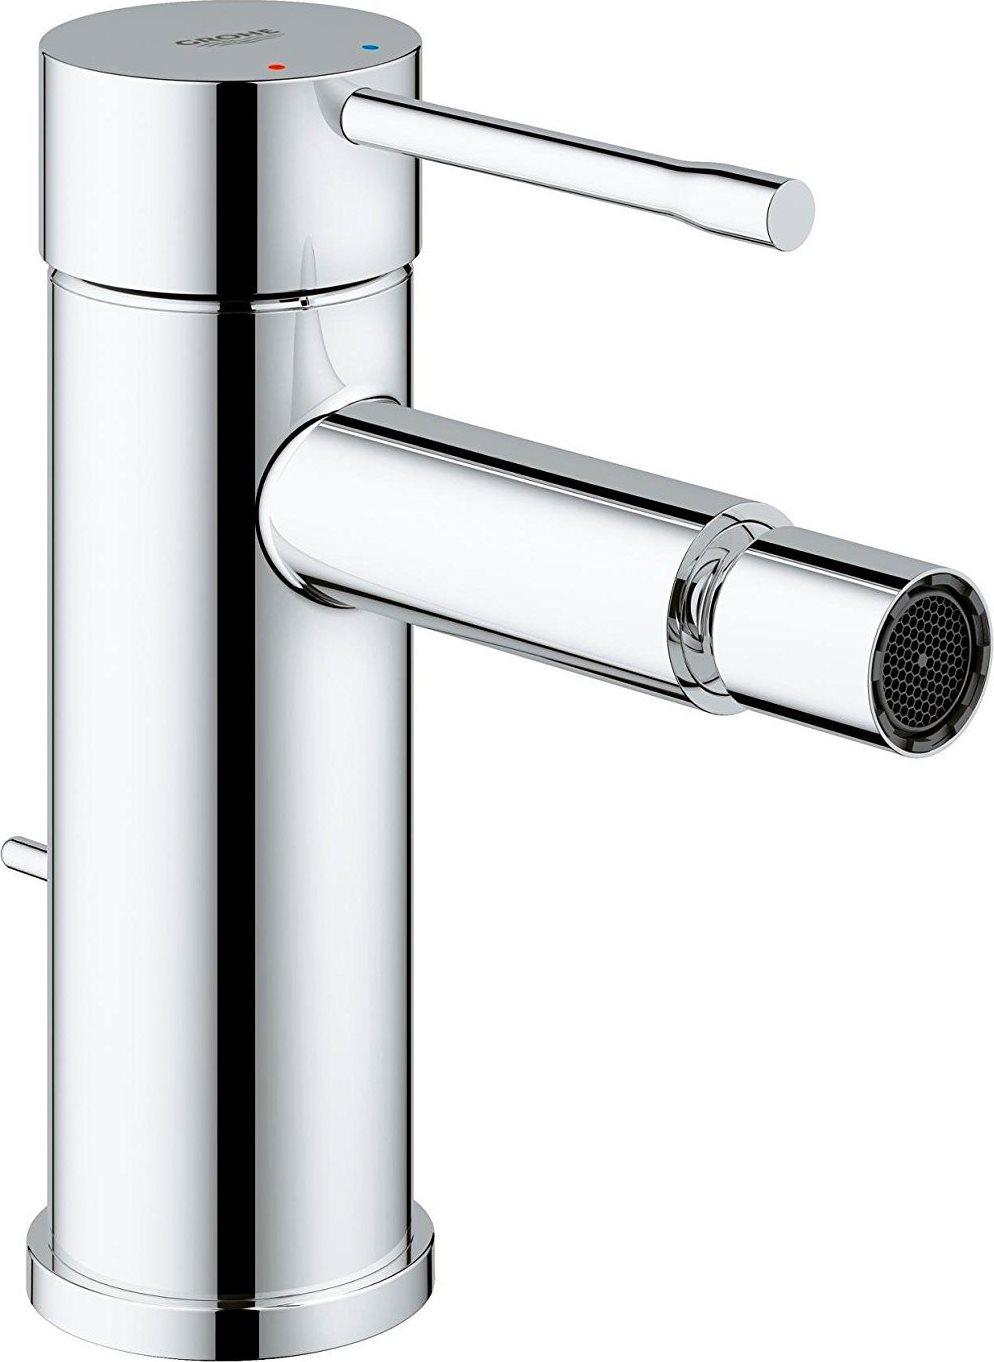 Grohe miscelatore bidet rubinetto bagno monocomando colore - Grohe rubinetteria bagno ...